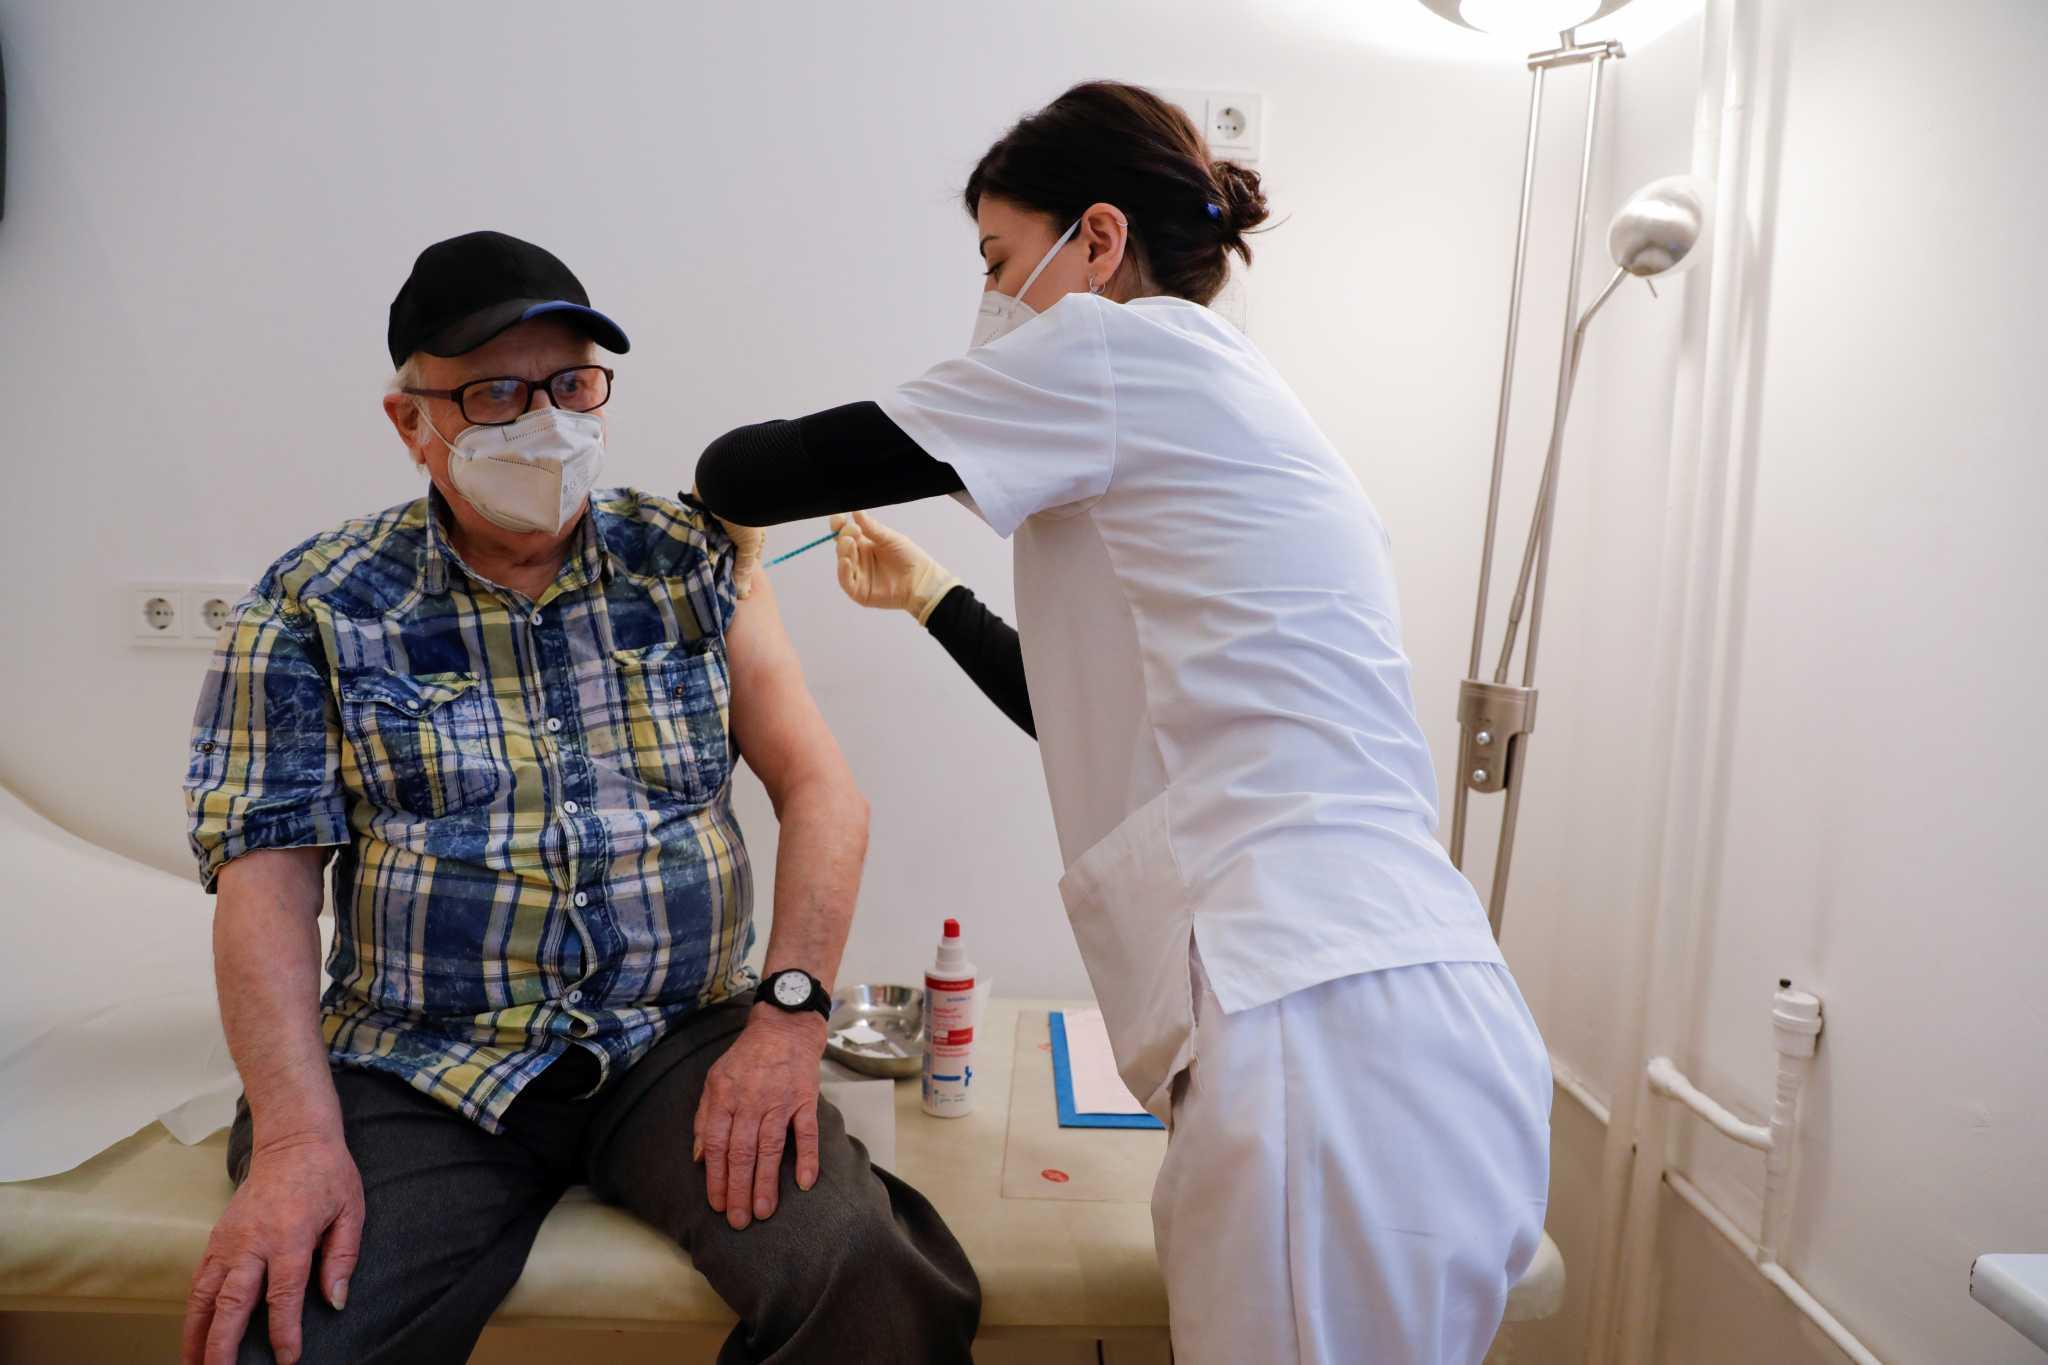 Η Moderna υπερδιπλασιάζει την παραγωγή εμβολίων